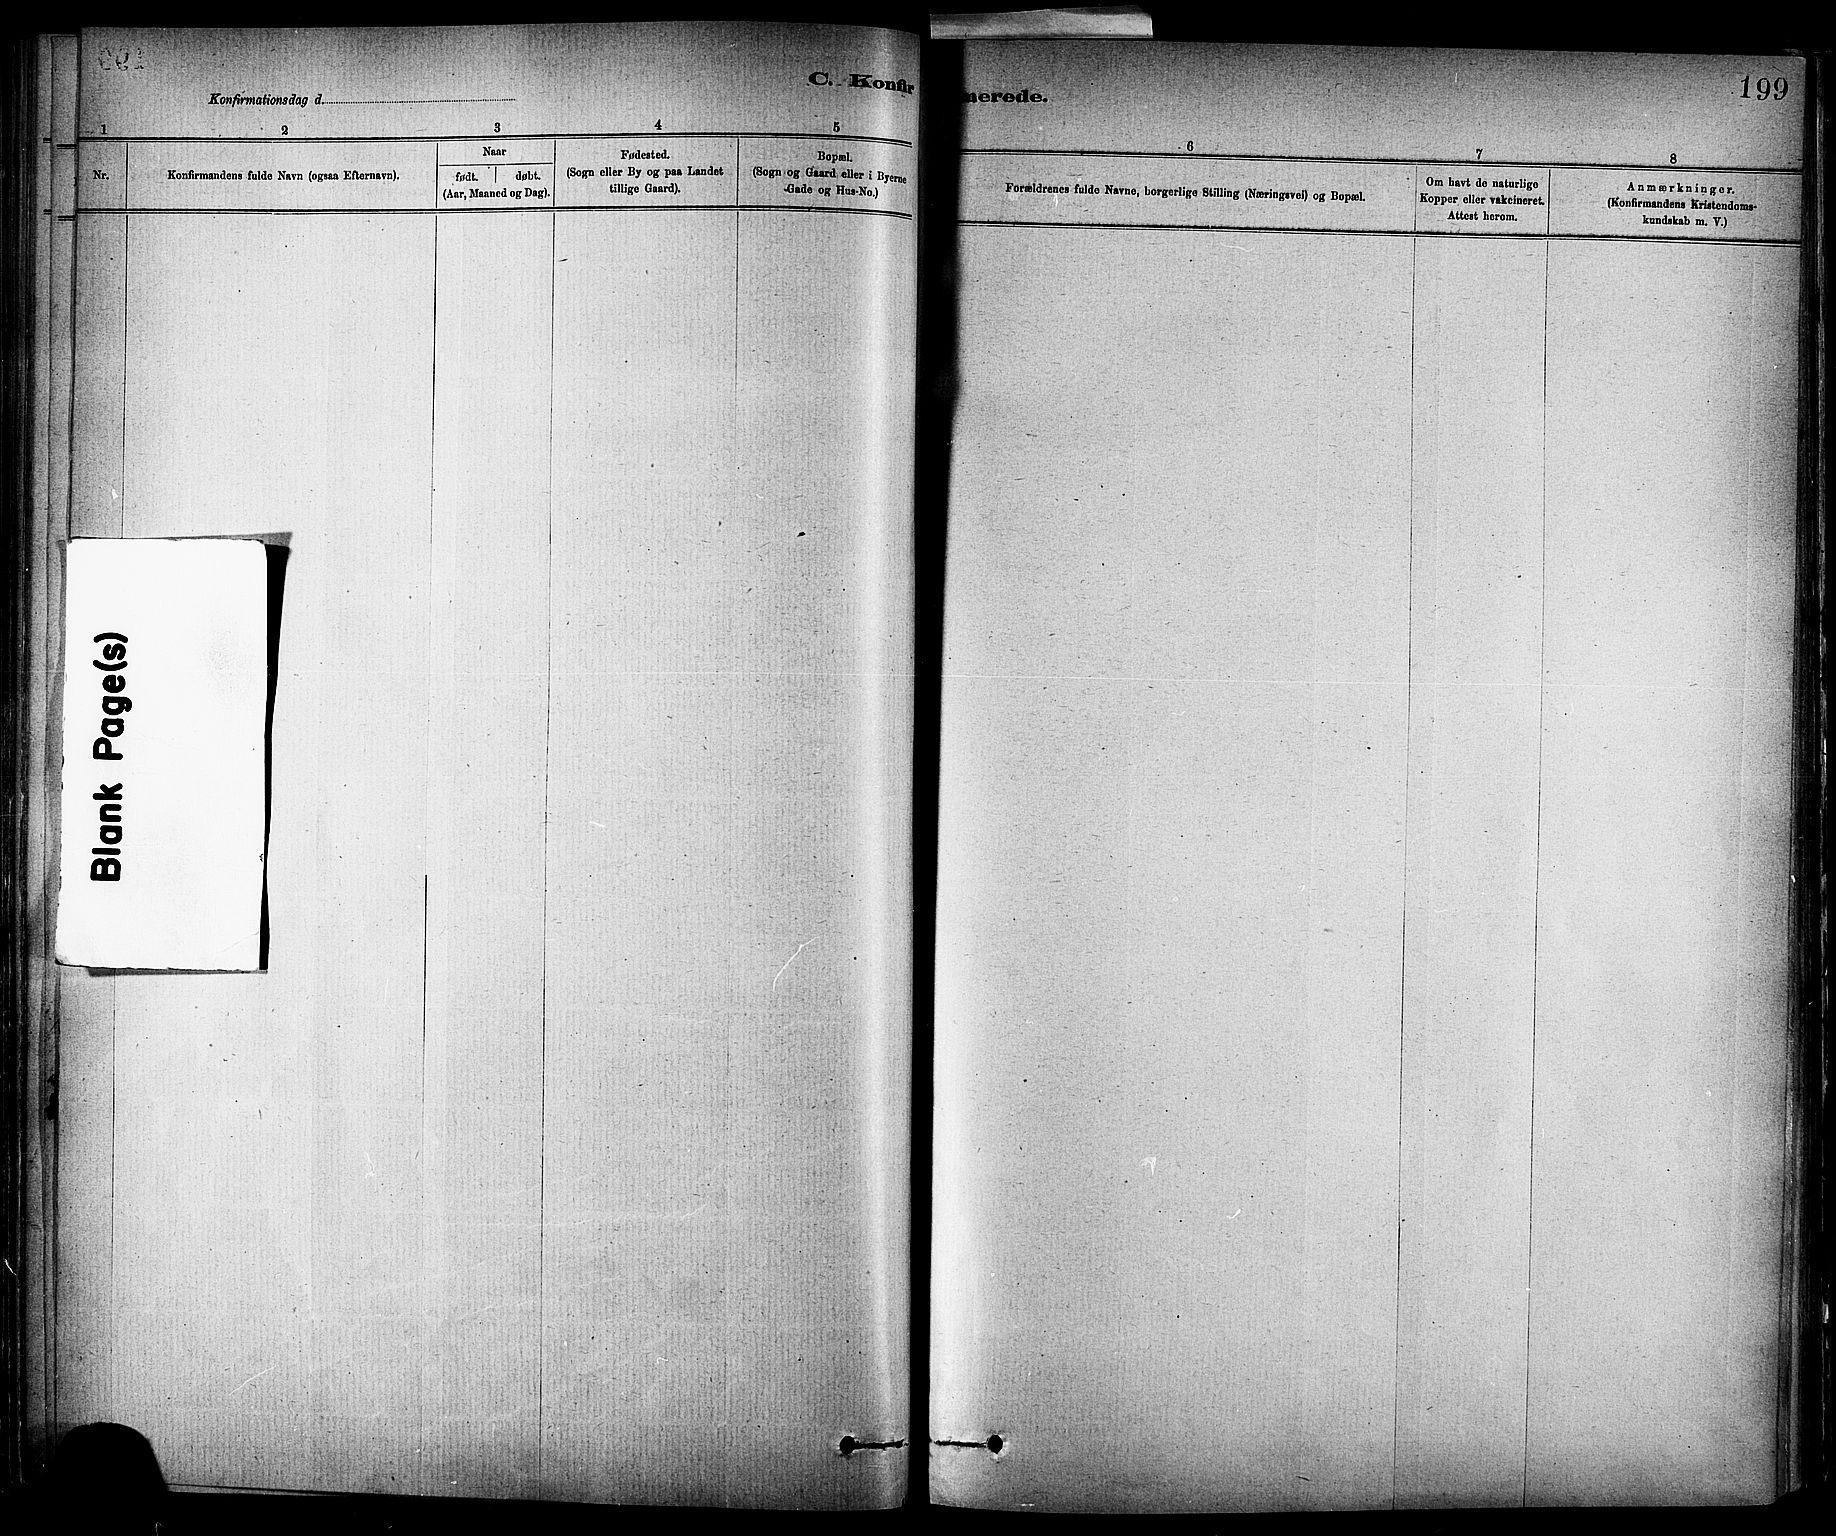 SAT, Ministerialprotokoller, klokkerbøker og fødselsregistre - Sør-Trøndelag, 647/L0634: Ministerialbok nr. 647A01, 1885-1896, s. 199